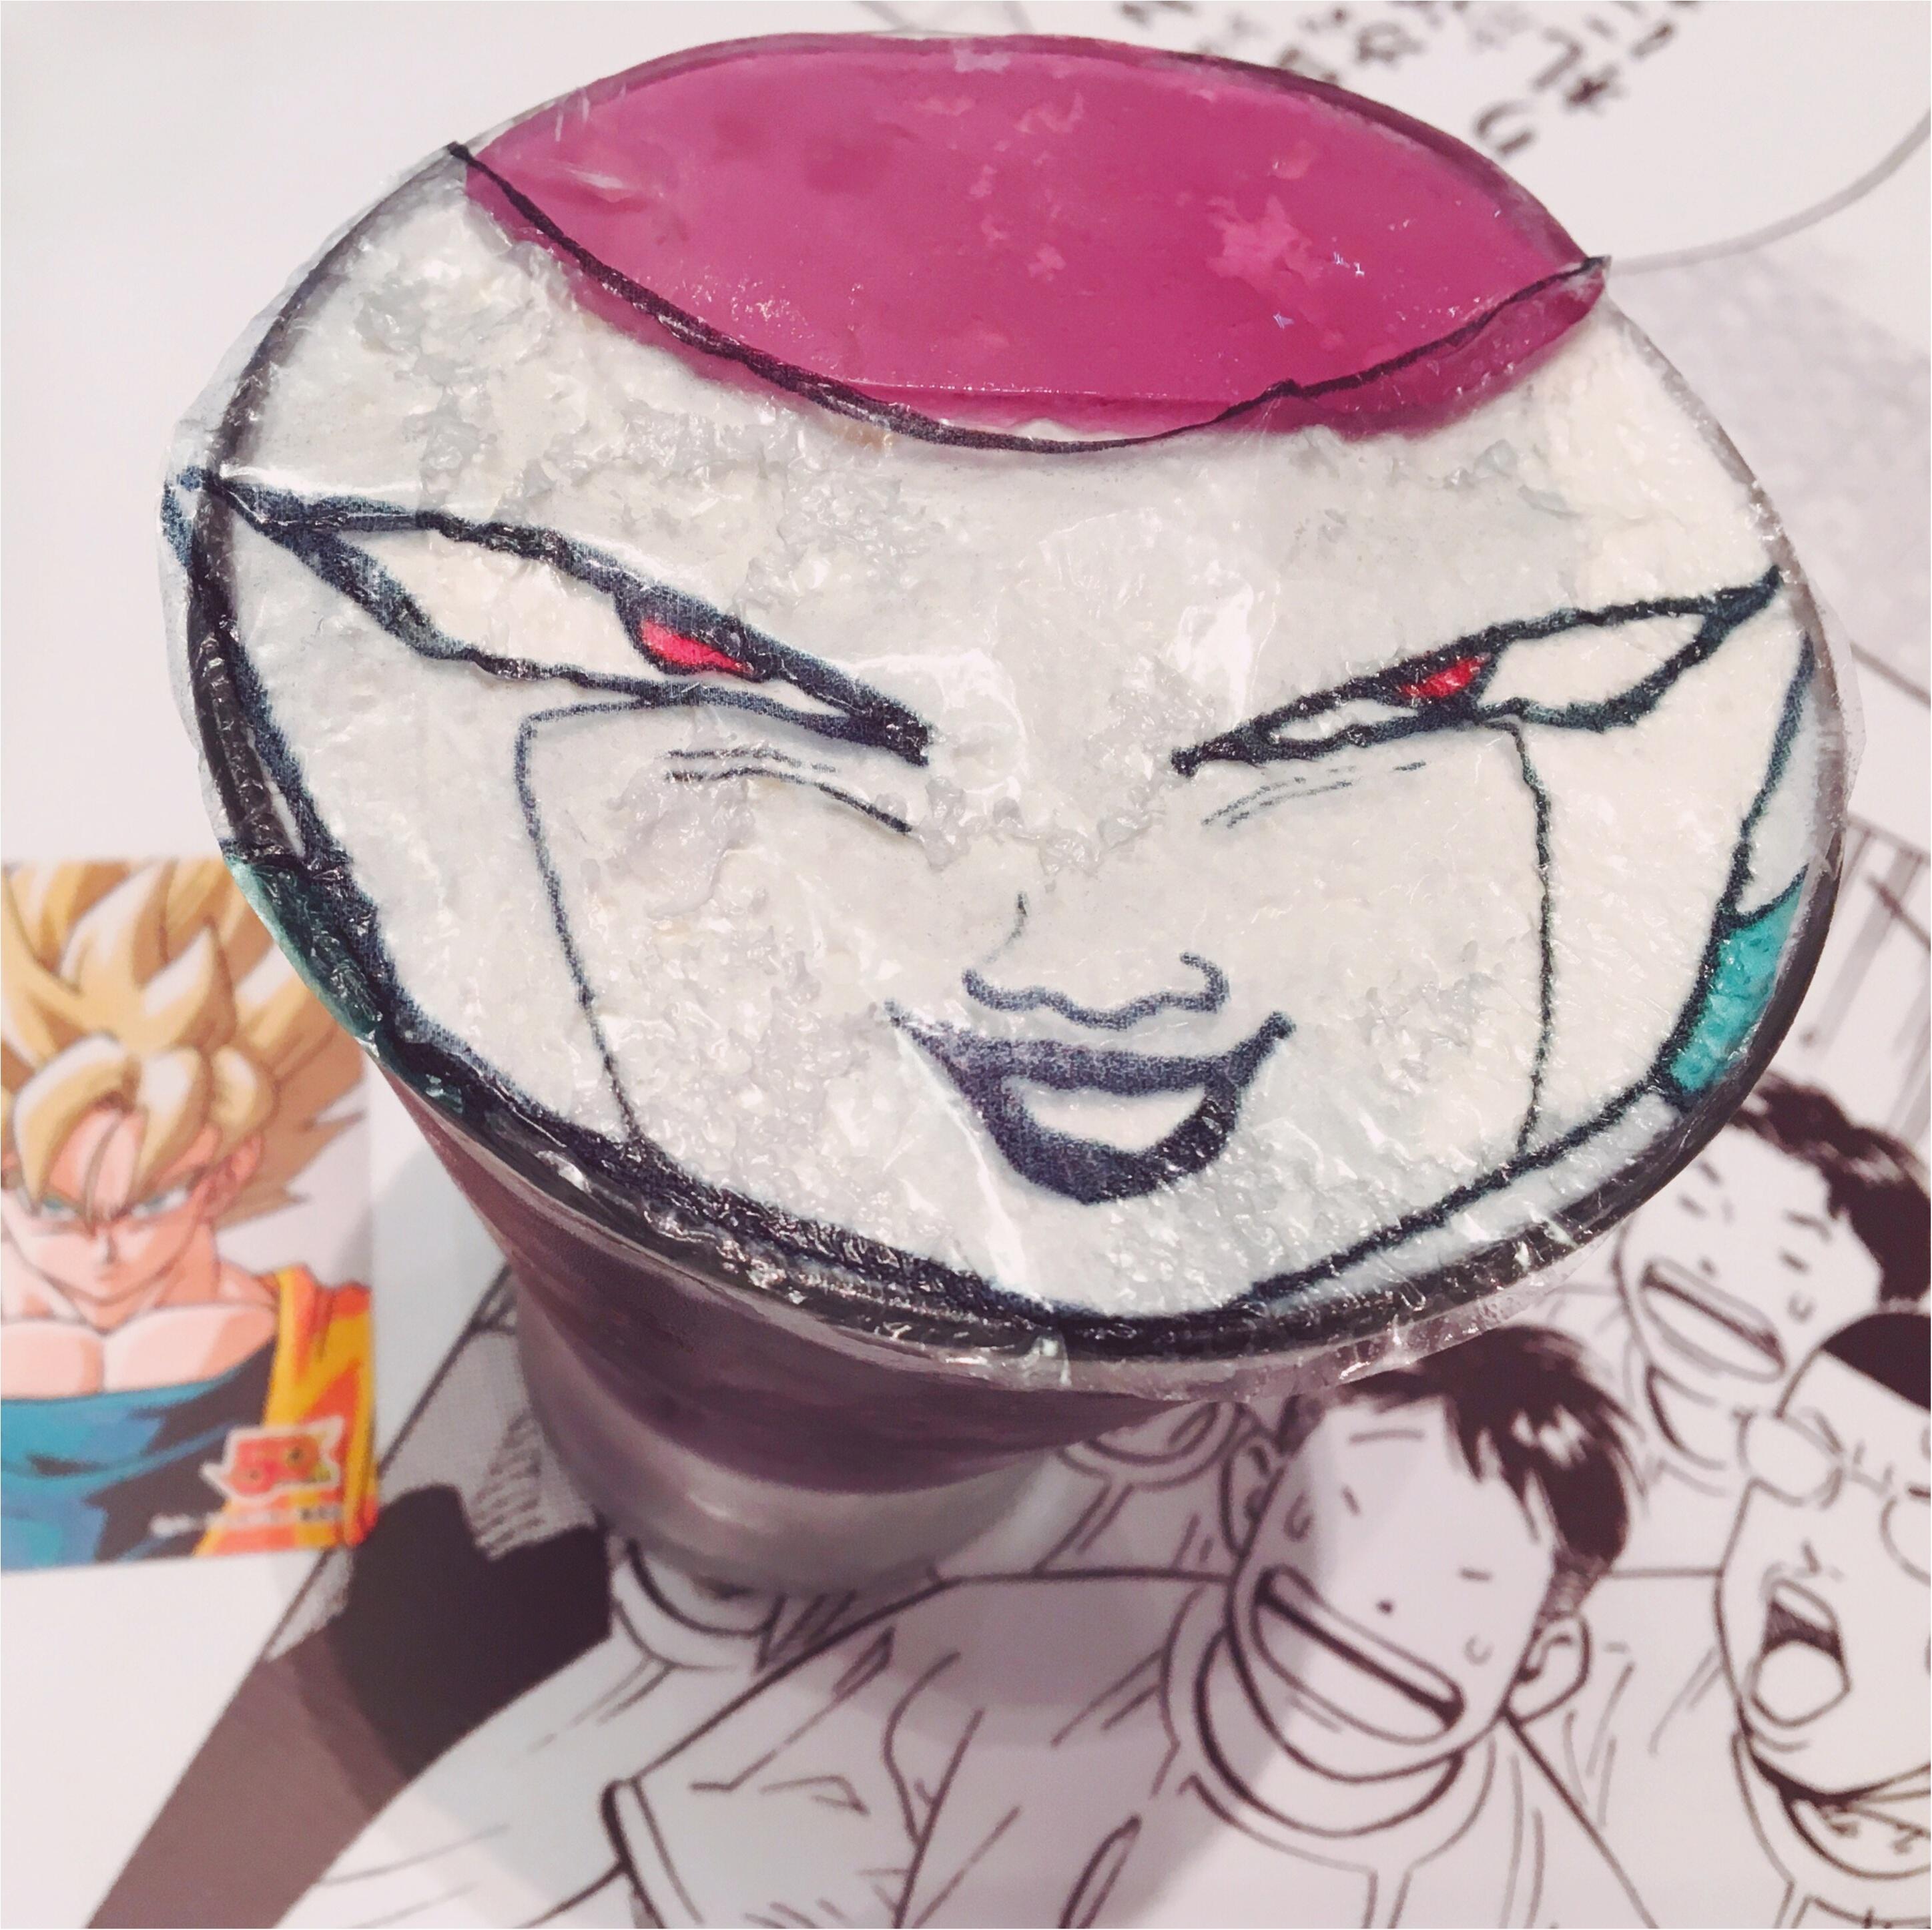 【週刊少年ジャンプ展】1990年代がメインの第ニ弾!六本木ヒルズで大好評開催中❤️_5